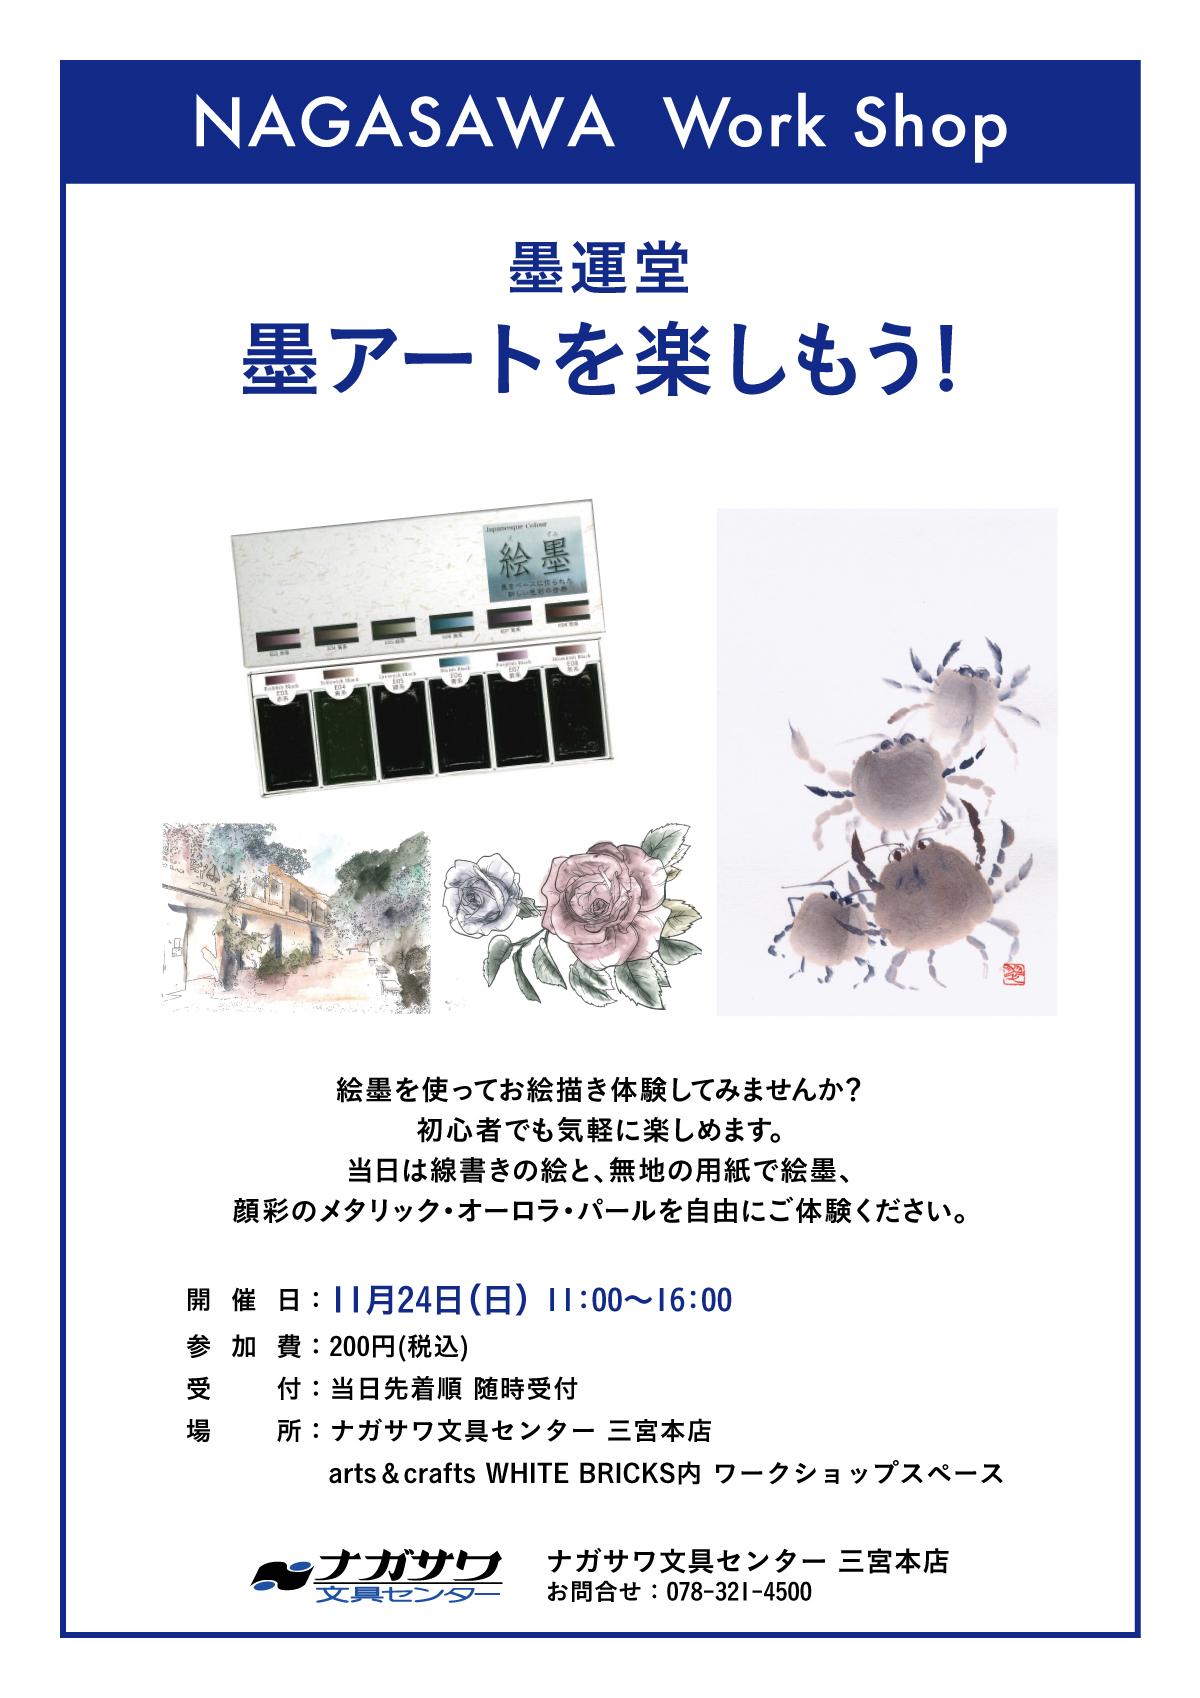 【本店】和紙と墨の特徴をいかして独特な模様を描きましょう!